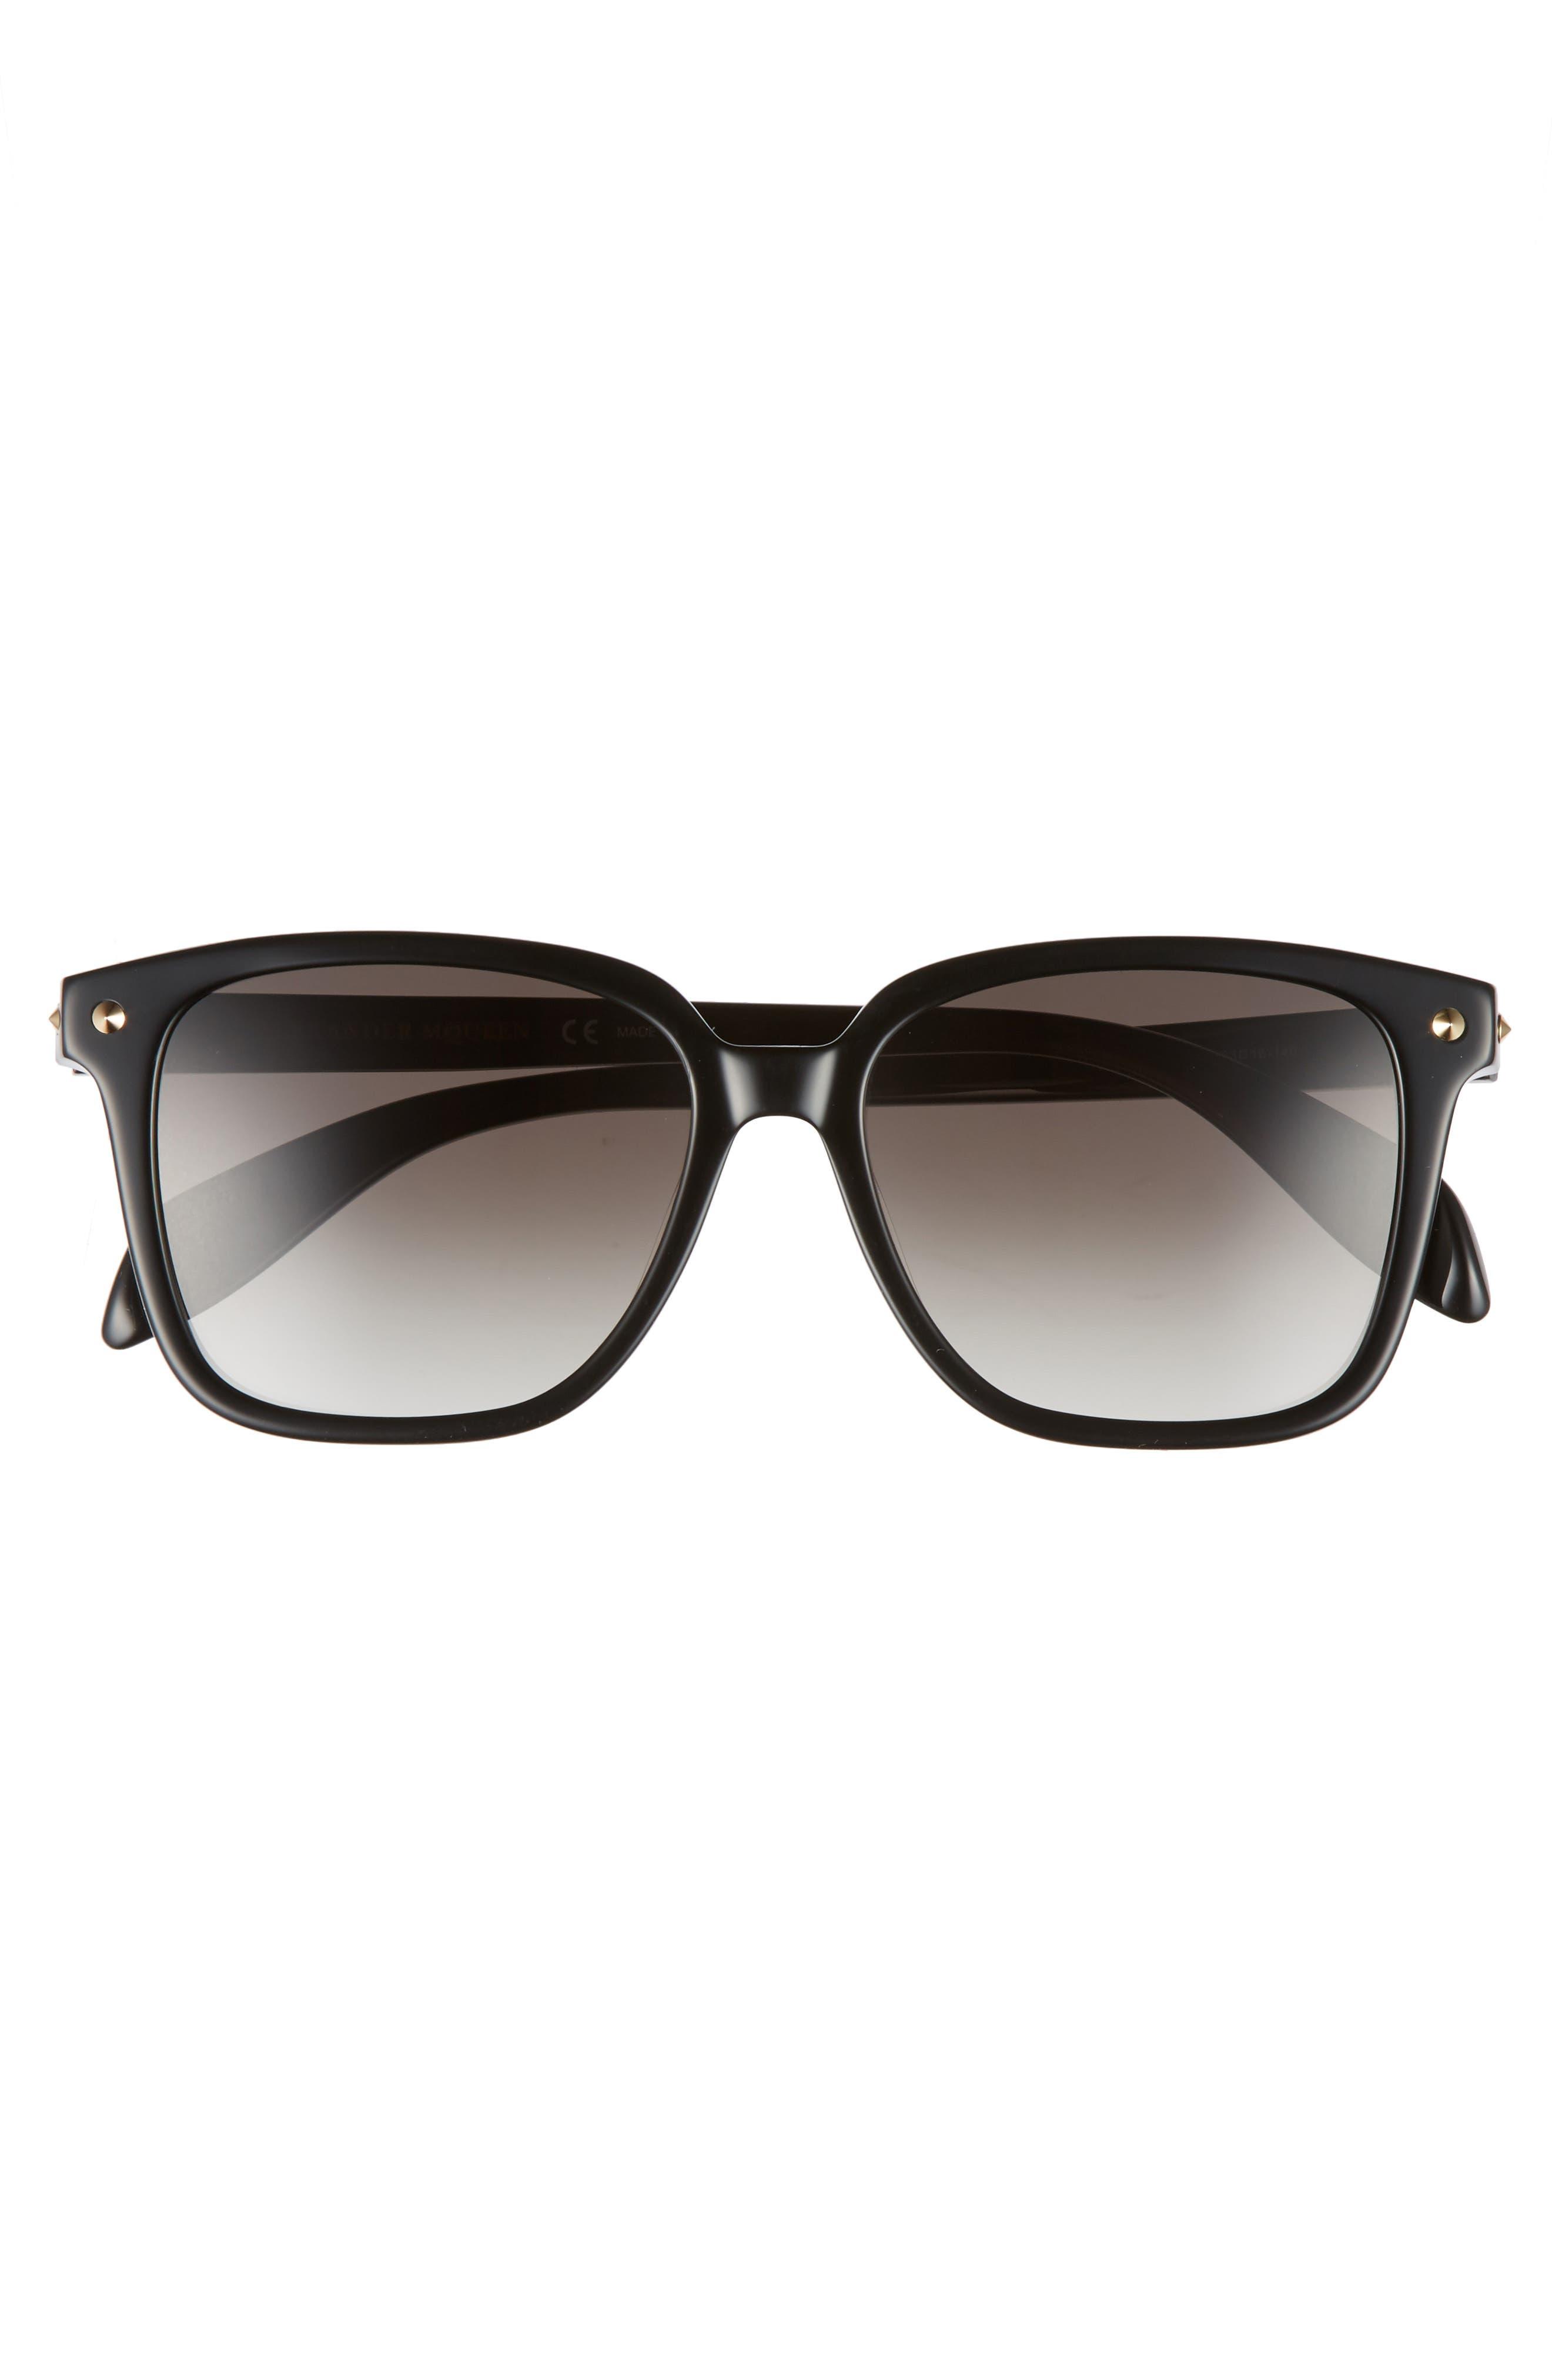 53mm Square Sunglasses,                             Alternate thumbnail 3, color,                             Black